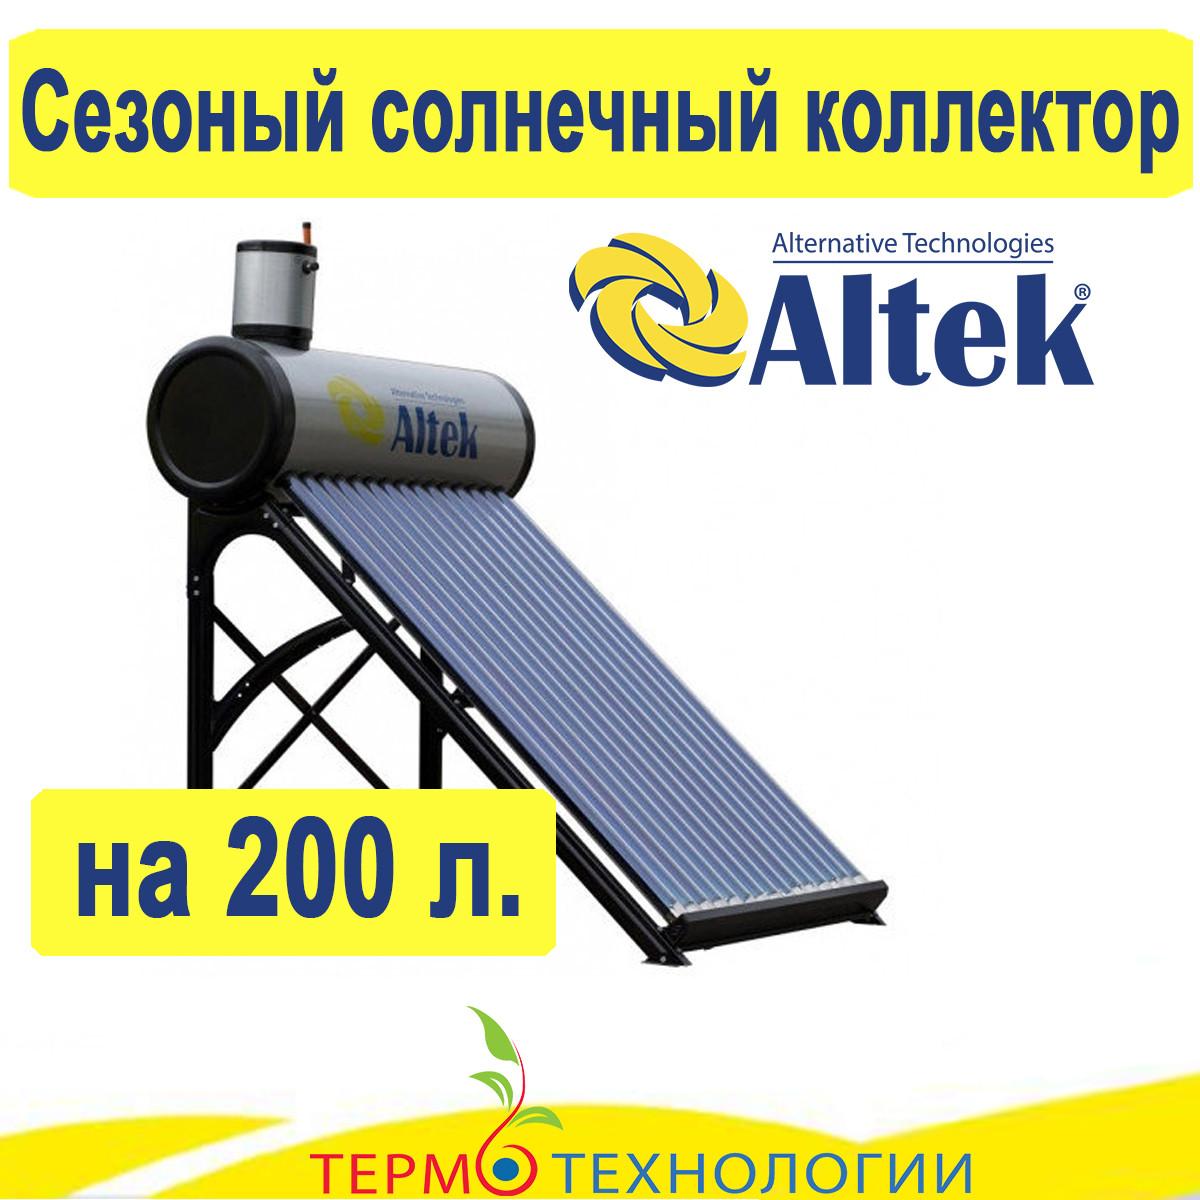 Сезонный солнечный коллектор Altek с напорным теплообменником для 4 человек.